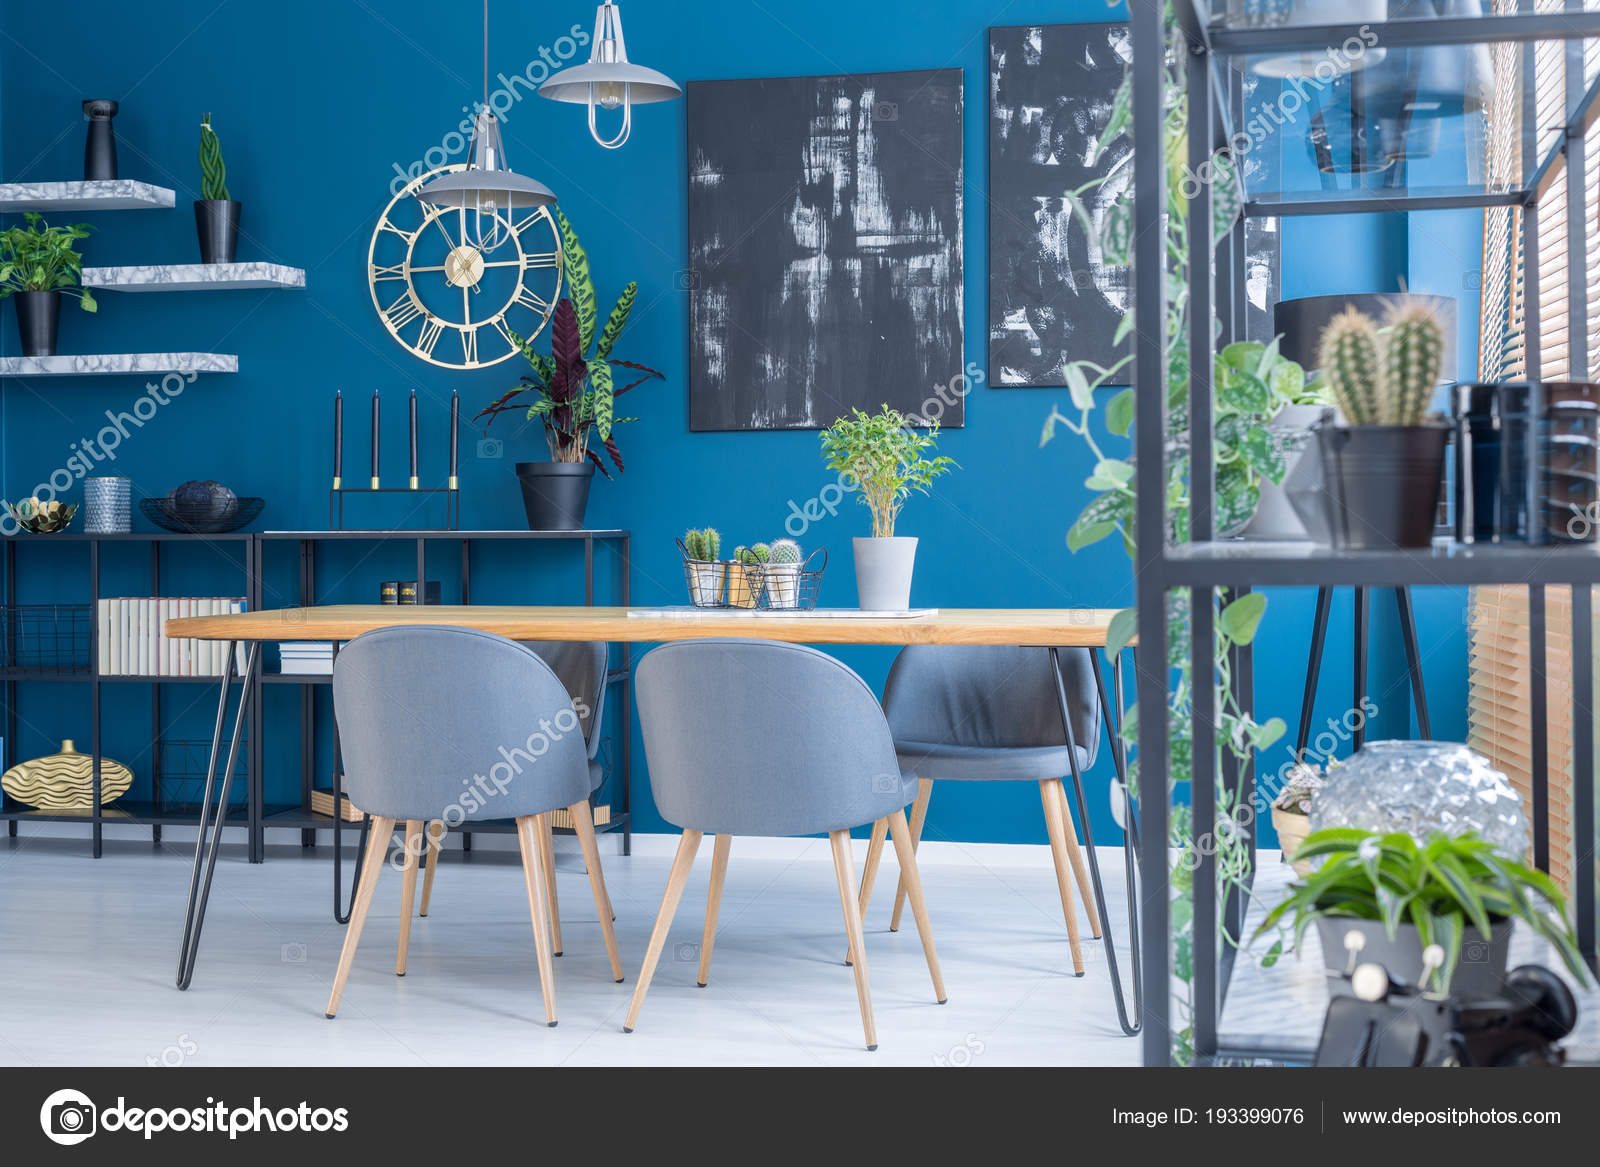 Chaises Grises Table Bois Dans Salle Manger Bleu Interieur Avec